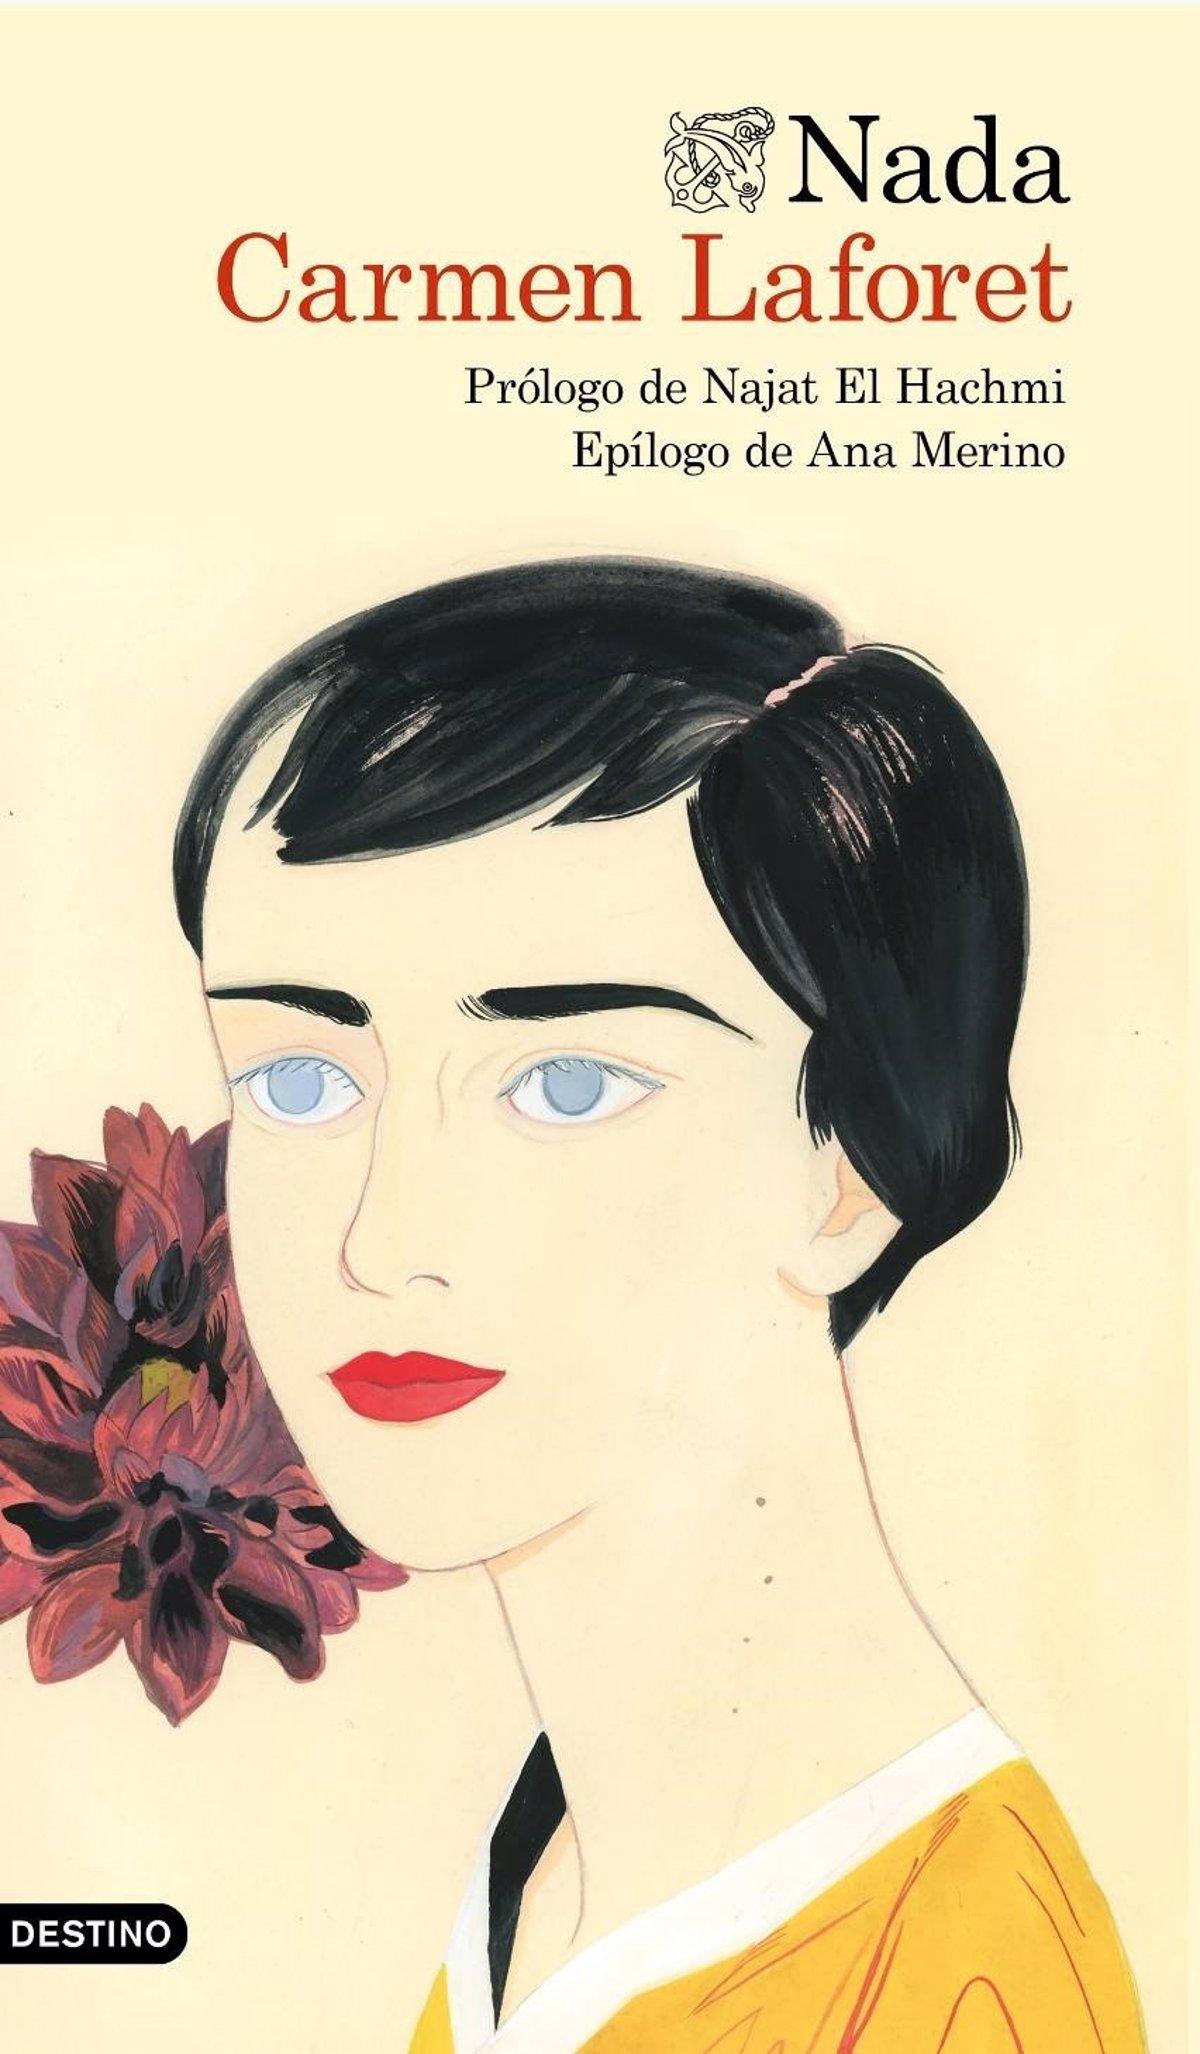 Ediciones Destino publica 'Nada' de Carmen Laforet por el centenario de su nacimiento